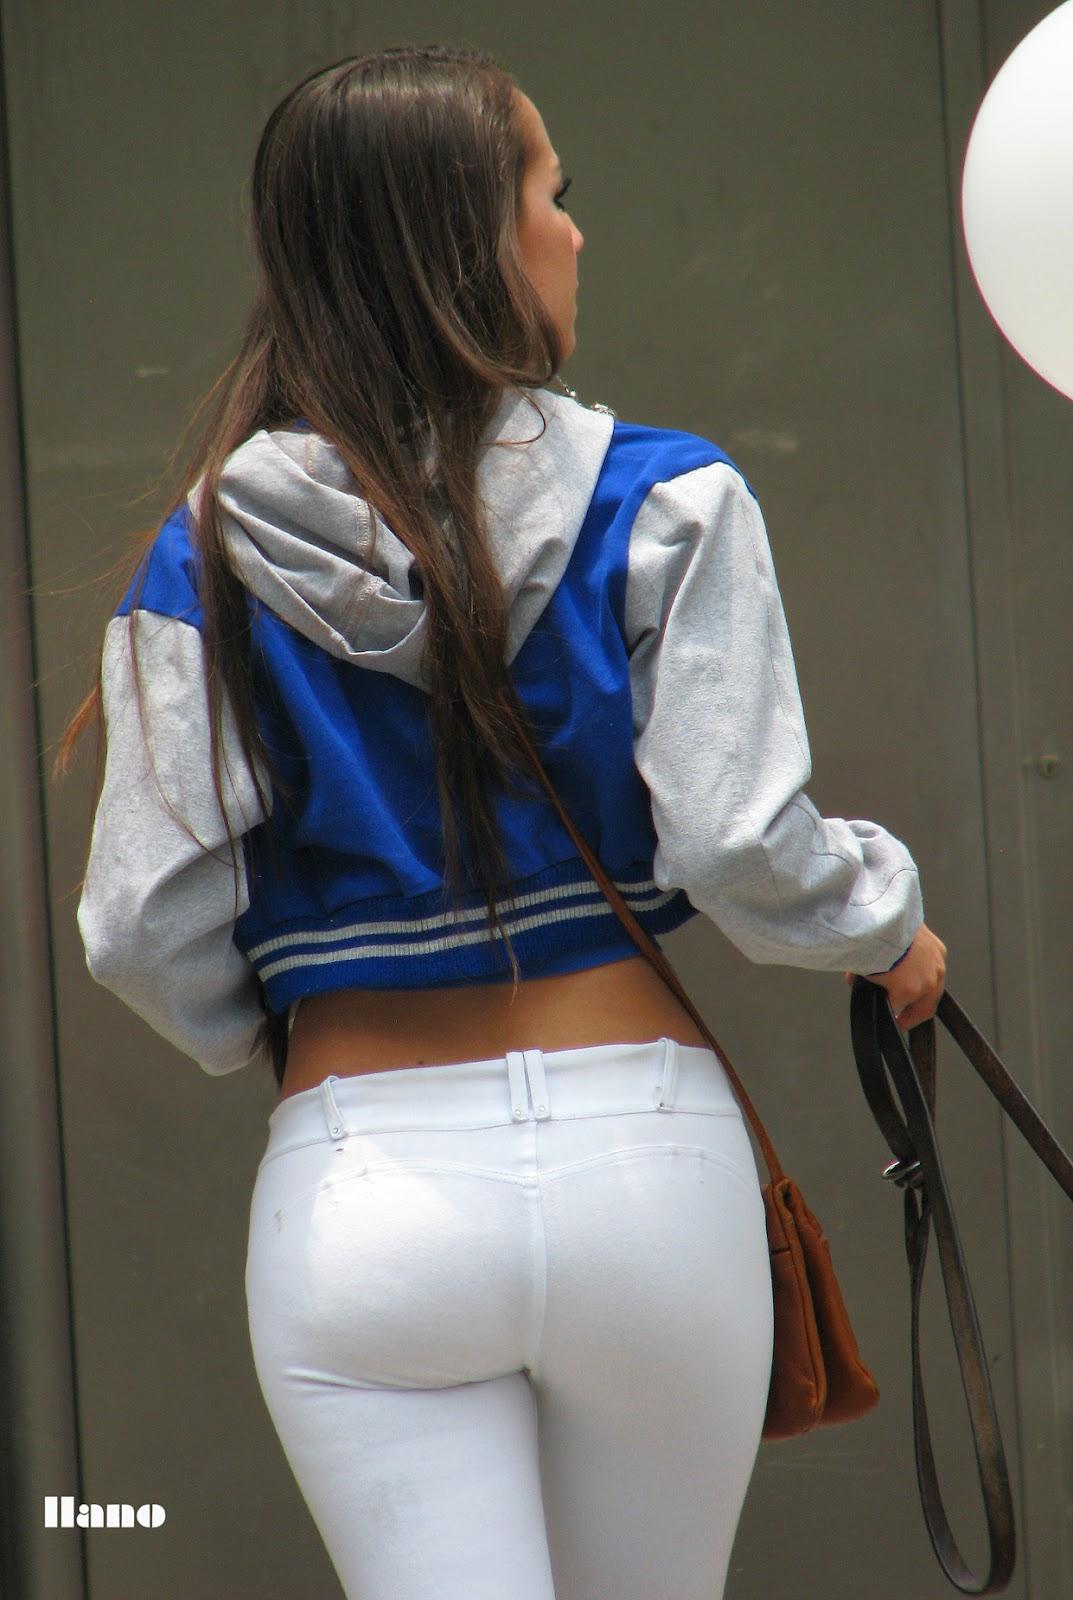 Culona de leggins blancos - 1 part 1